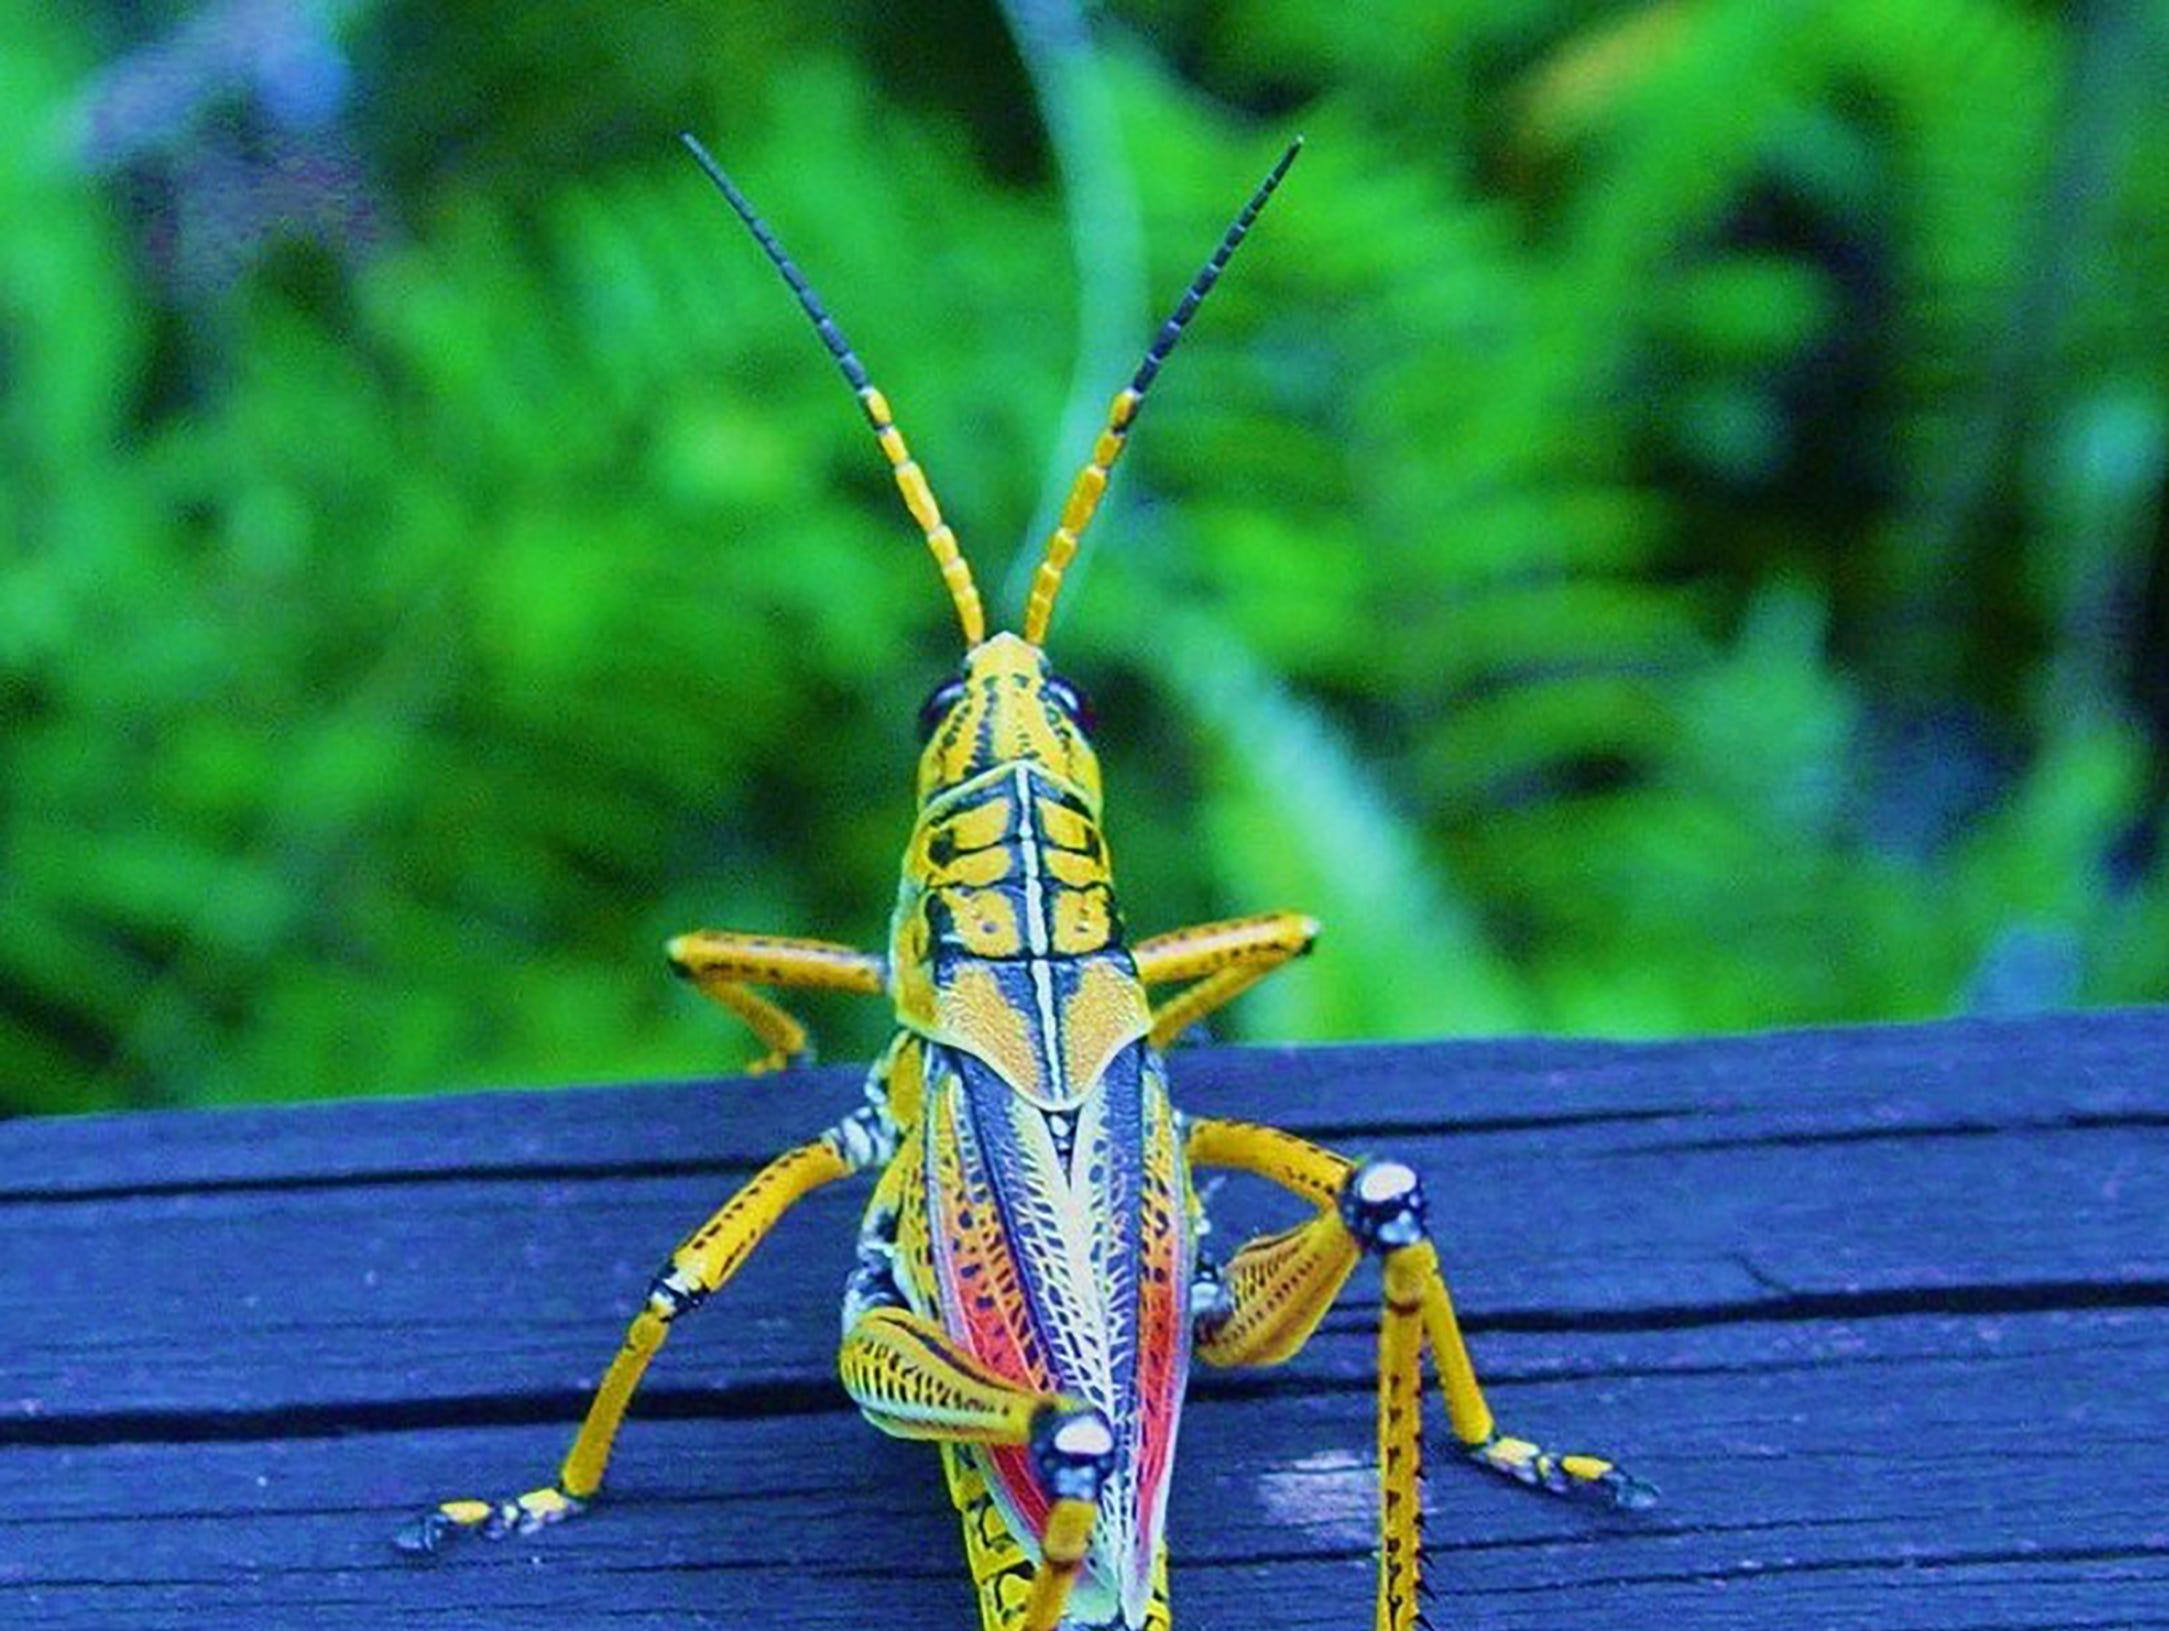 An eastern blubber grasshopper.